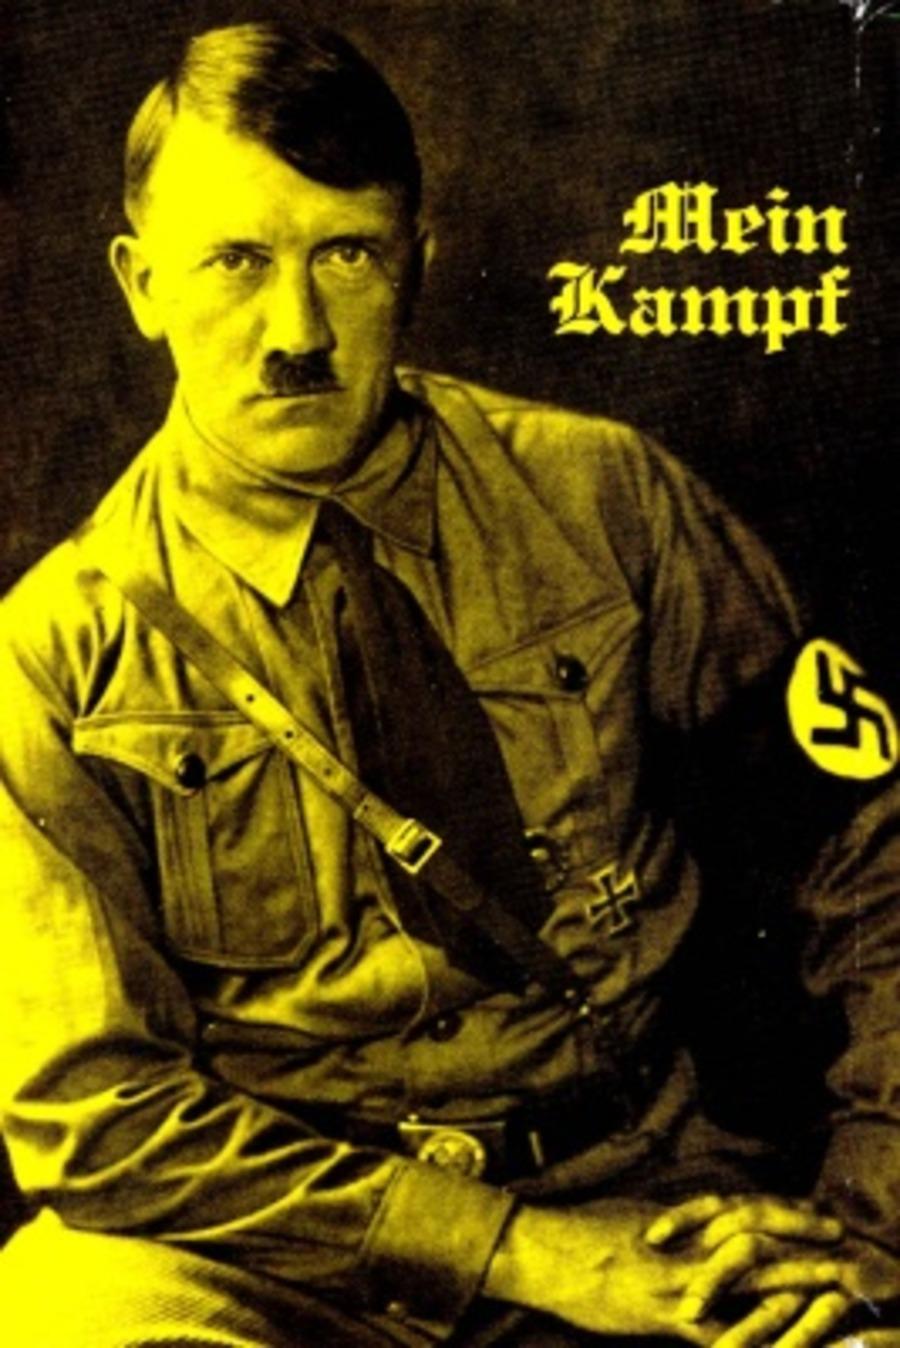 Kampf ebook download mein deutsch